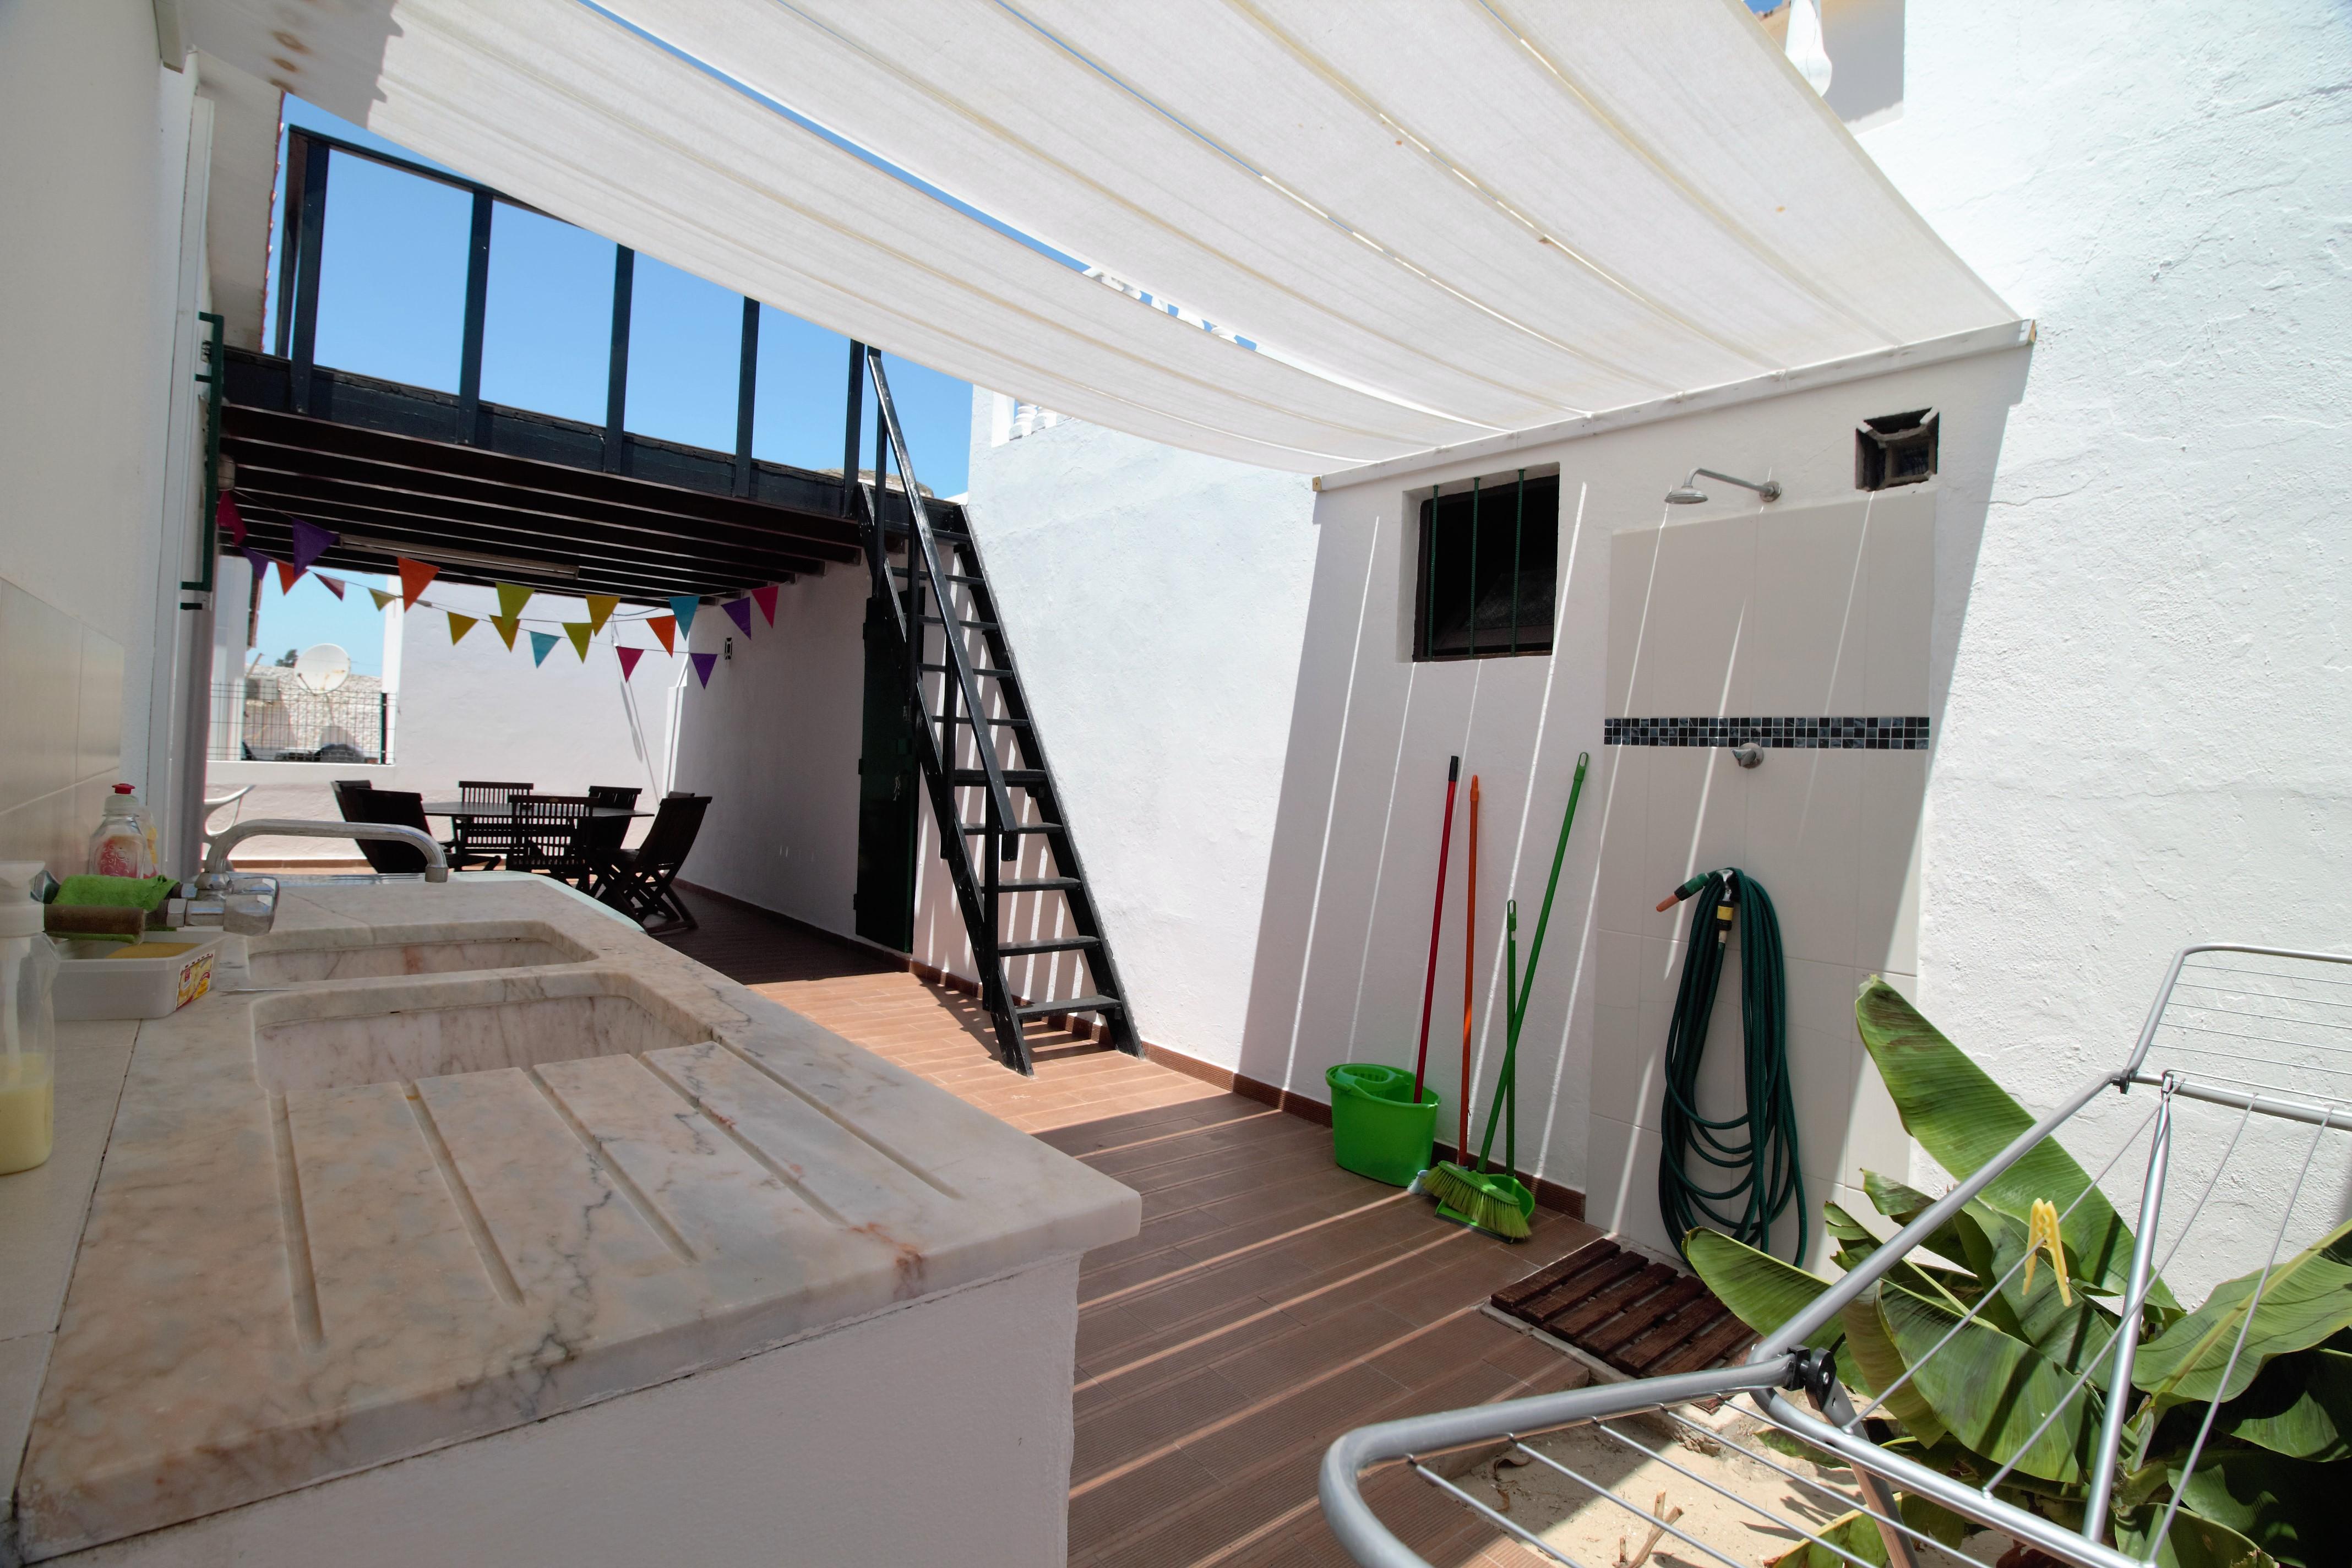 Holiday apartments and villas for rent, Moradia no Algarve com vista mar 10 mint da praia (a pé) in Olhão, Portugal Algarve, REF_IMG_6691_6705